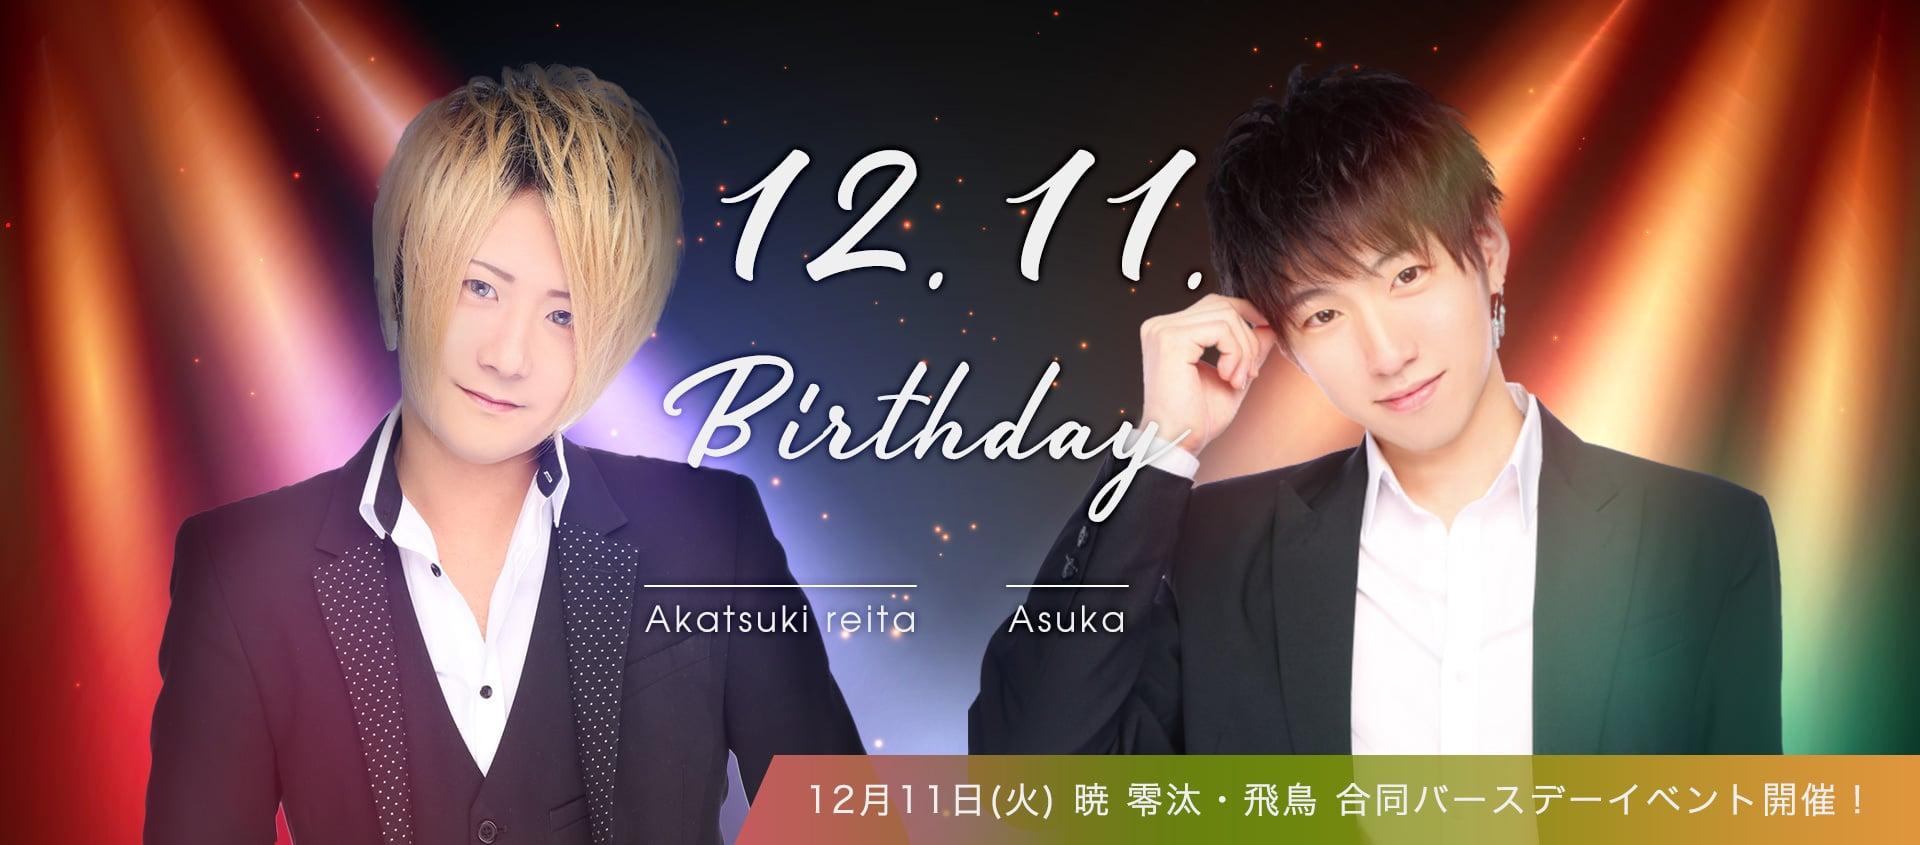 12月11日(火) 暁 零汰・飛鳥 合同バースデーイベント開催!